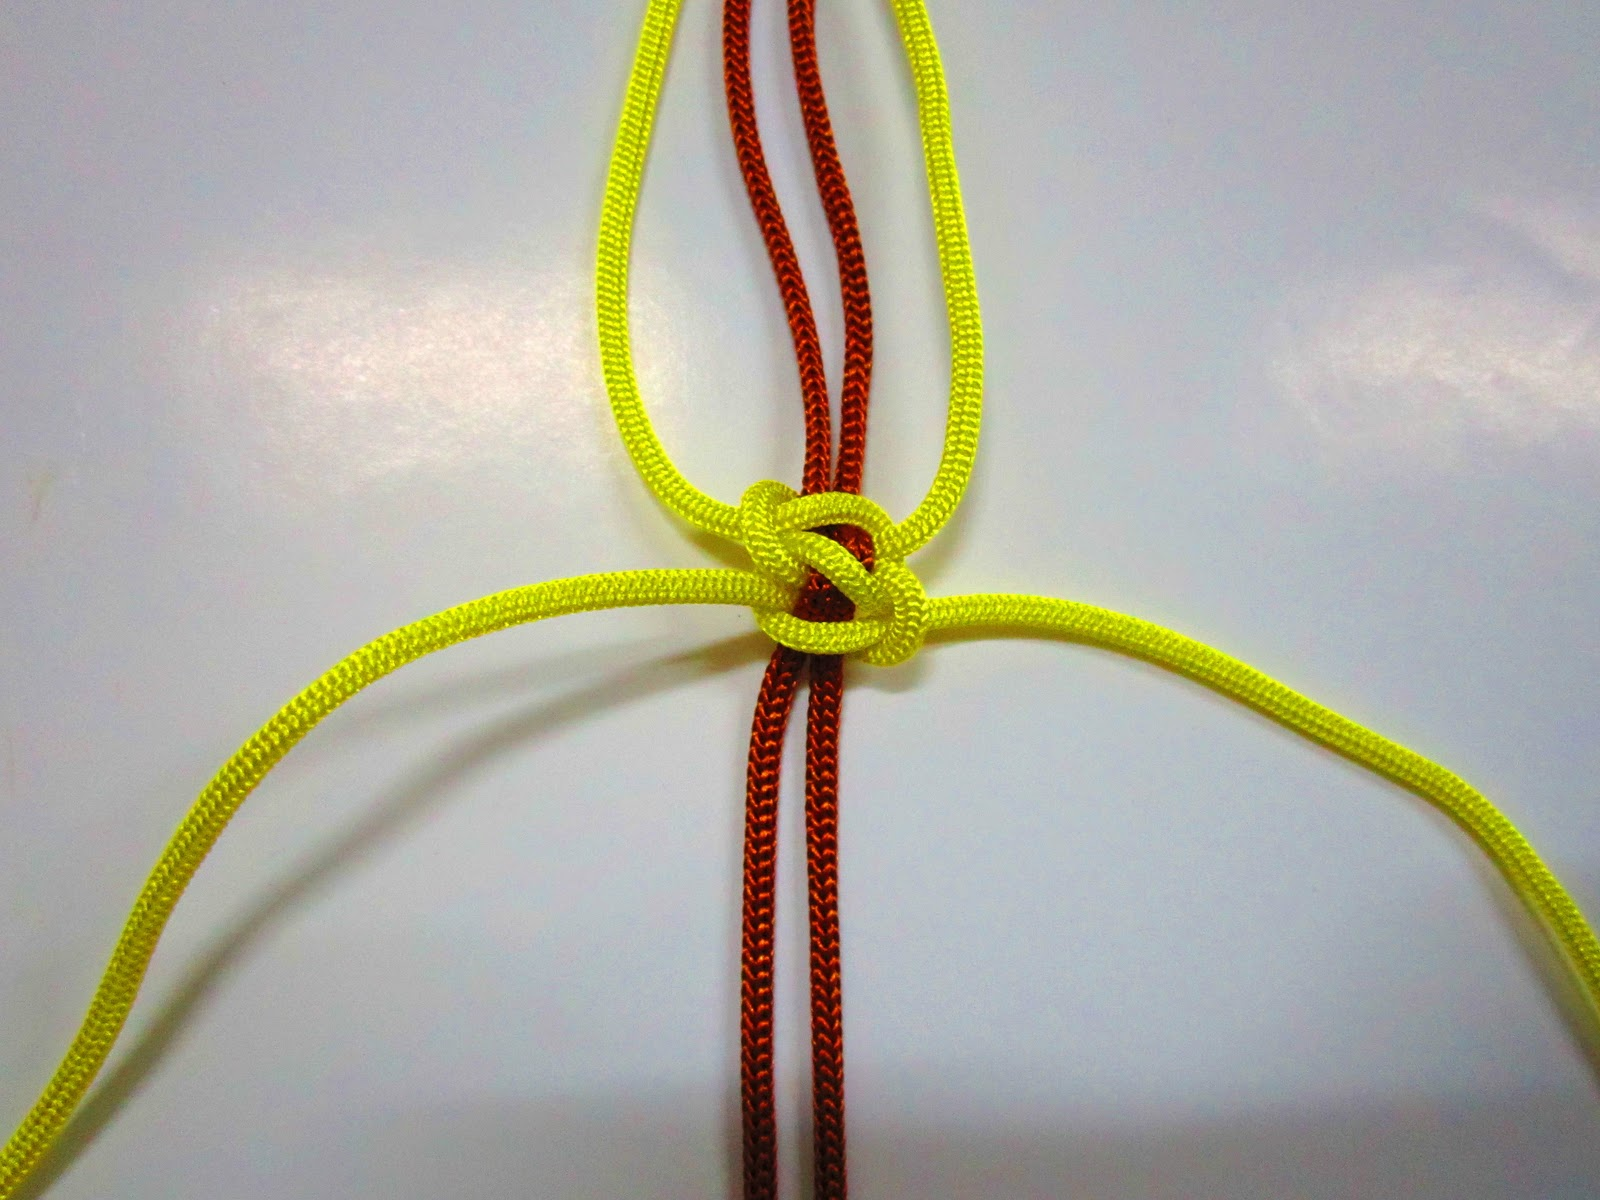 Square Knot ปมพื้นฐาน เมคราเม่ macrame ,ปมเชือก,ถักเชือก,ไอเดีย เชือก สวย แต่งของขวัญ,สร้อยข้อมือเชือก,ถักเชือกเทียน,ทำของที่ระลึก รับน้อง,ของที่ระลึกให้เพื่อน,friendship ให้เพื่อน,มิตรภาพ รับน้อง ลาเพื่อน,เรียนจบ ลา ที่ระลึก ของขวัญ  how to make square knot freindship braclet,diy bracelet macrame